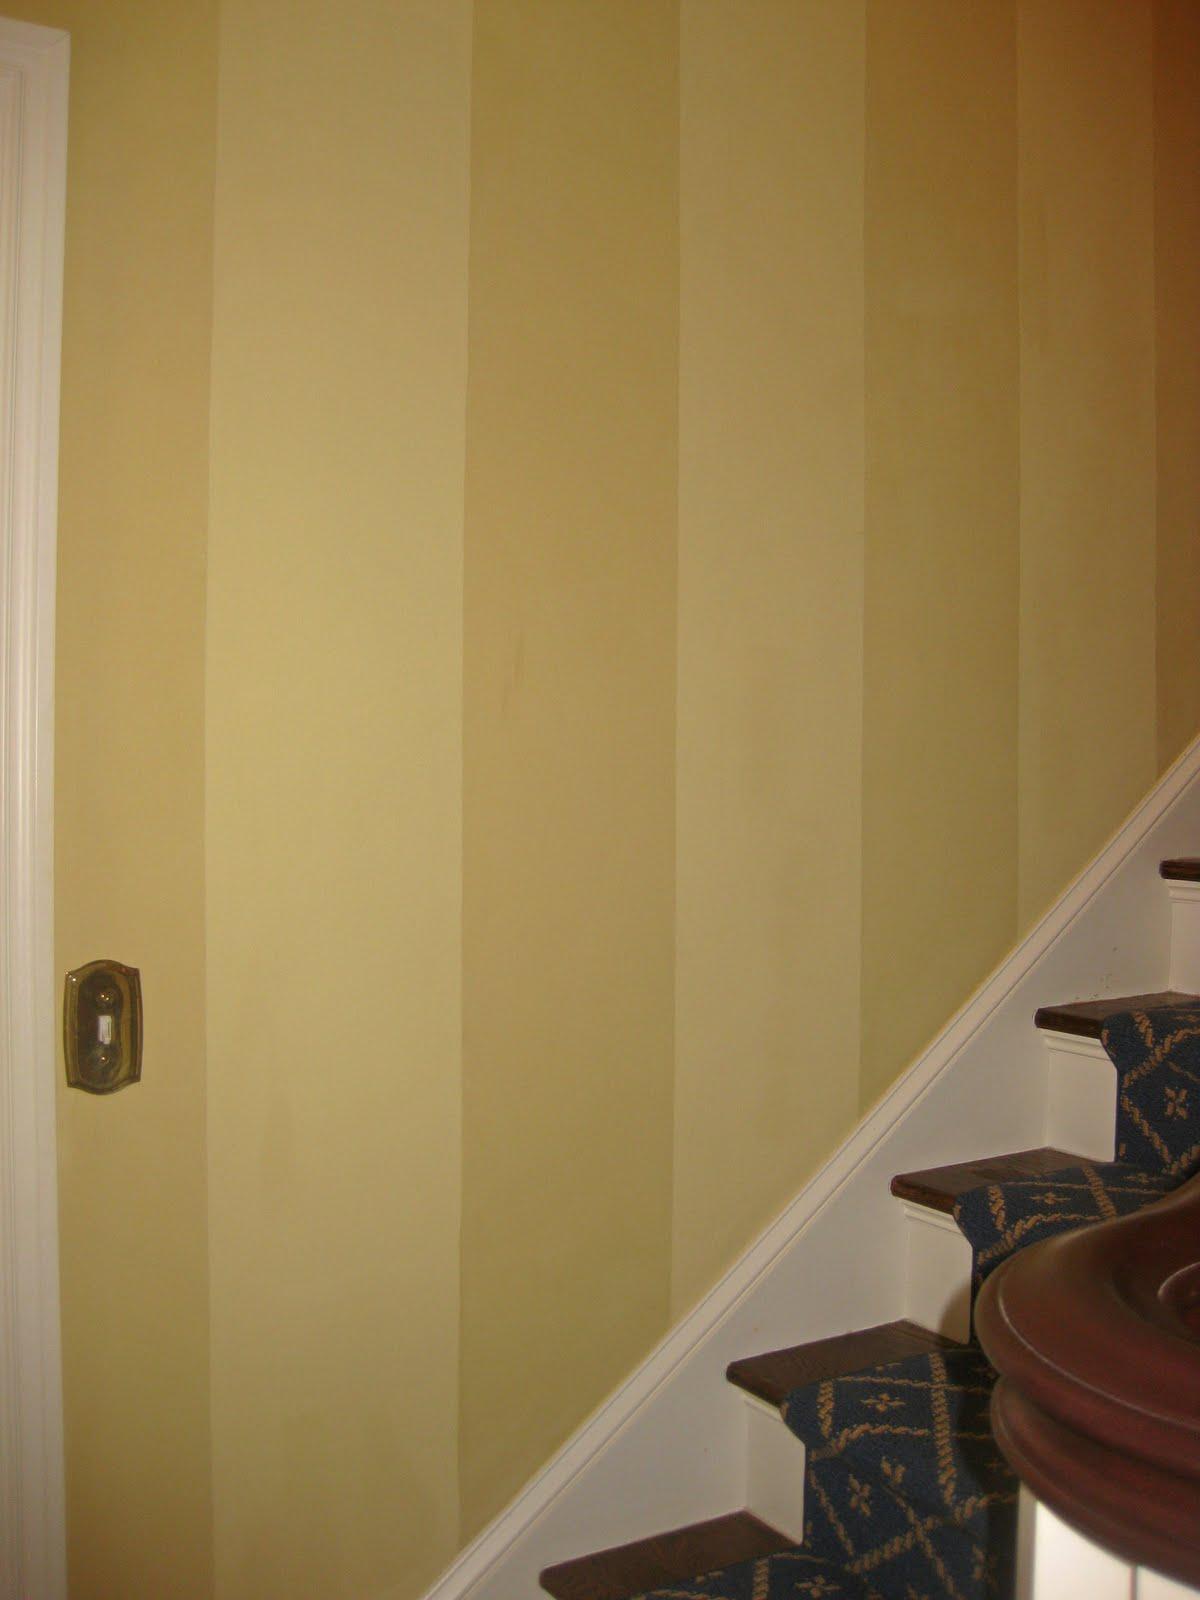 http://3.bp.blogspot.com/_LfAXthnifgA/TIgY34AZW5I/AAAAAAAAAyw/cygNB95nyAI/s1600/Farrow+Creme+Stripes.jpg